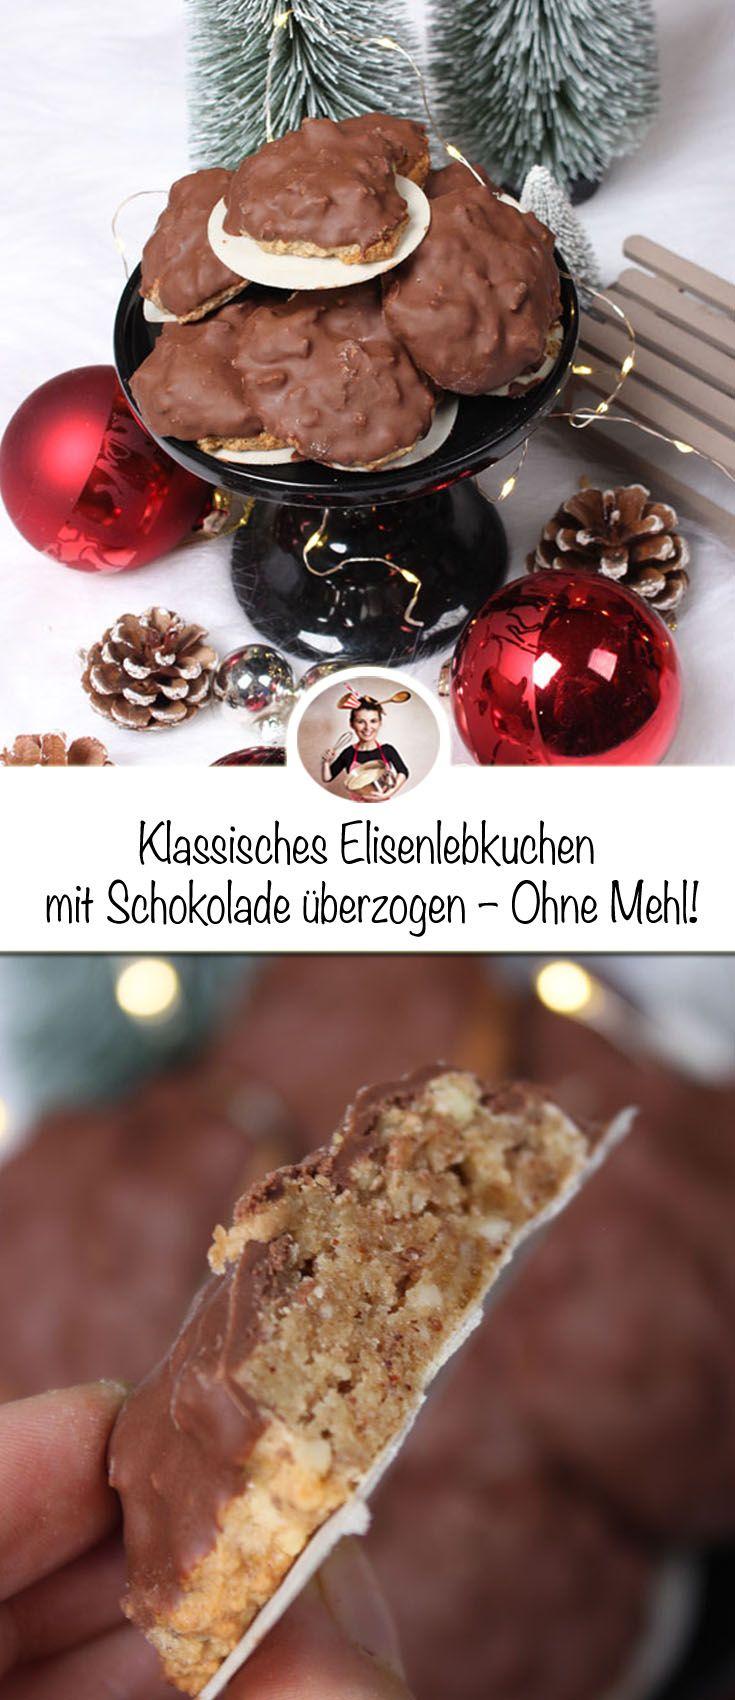 """Diese Elisenlebkuchen sind der ultimative Weihnachtskeks. Sie sind ohne Mehl und ohne Butter, aber sie haben eine wundervolle kaubare Textur und sind voll mit Nüssen, kandierter Zitronenschale, Gewürzen und einem Hauch Zitrone. Dieser """"Weihnachtskeks"""" ist einer meiner Favoriten aller Zeiten, und wenn du ihn einmal probiert hast, glaube ich, dass er auch einer deiner Favoriten sein wird. #Elisenlebkuchen #Lebkuchen #plätzchen #weihnachten #backen #rezepte"""